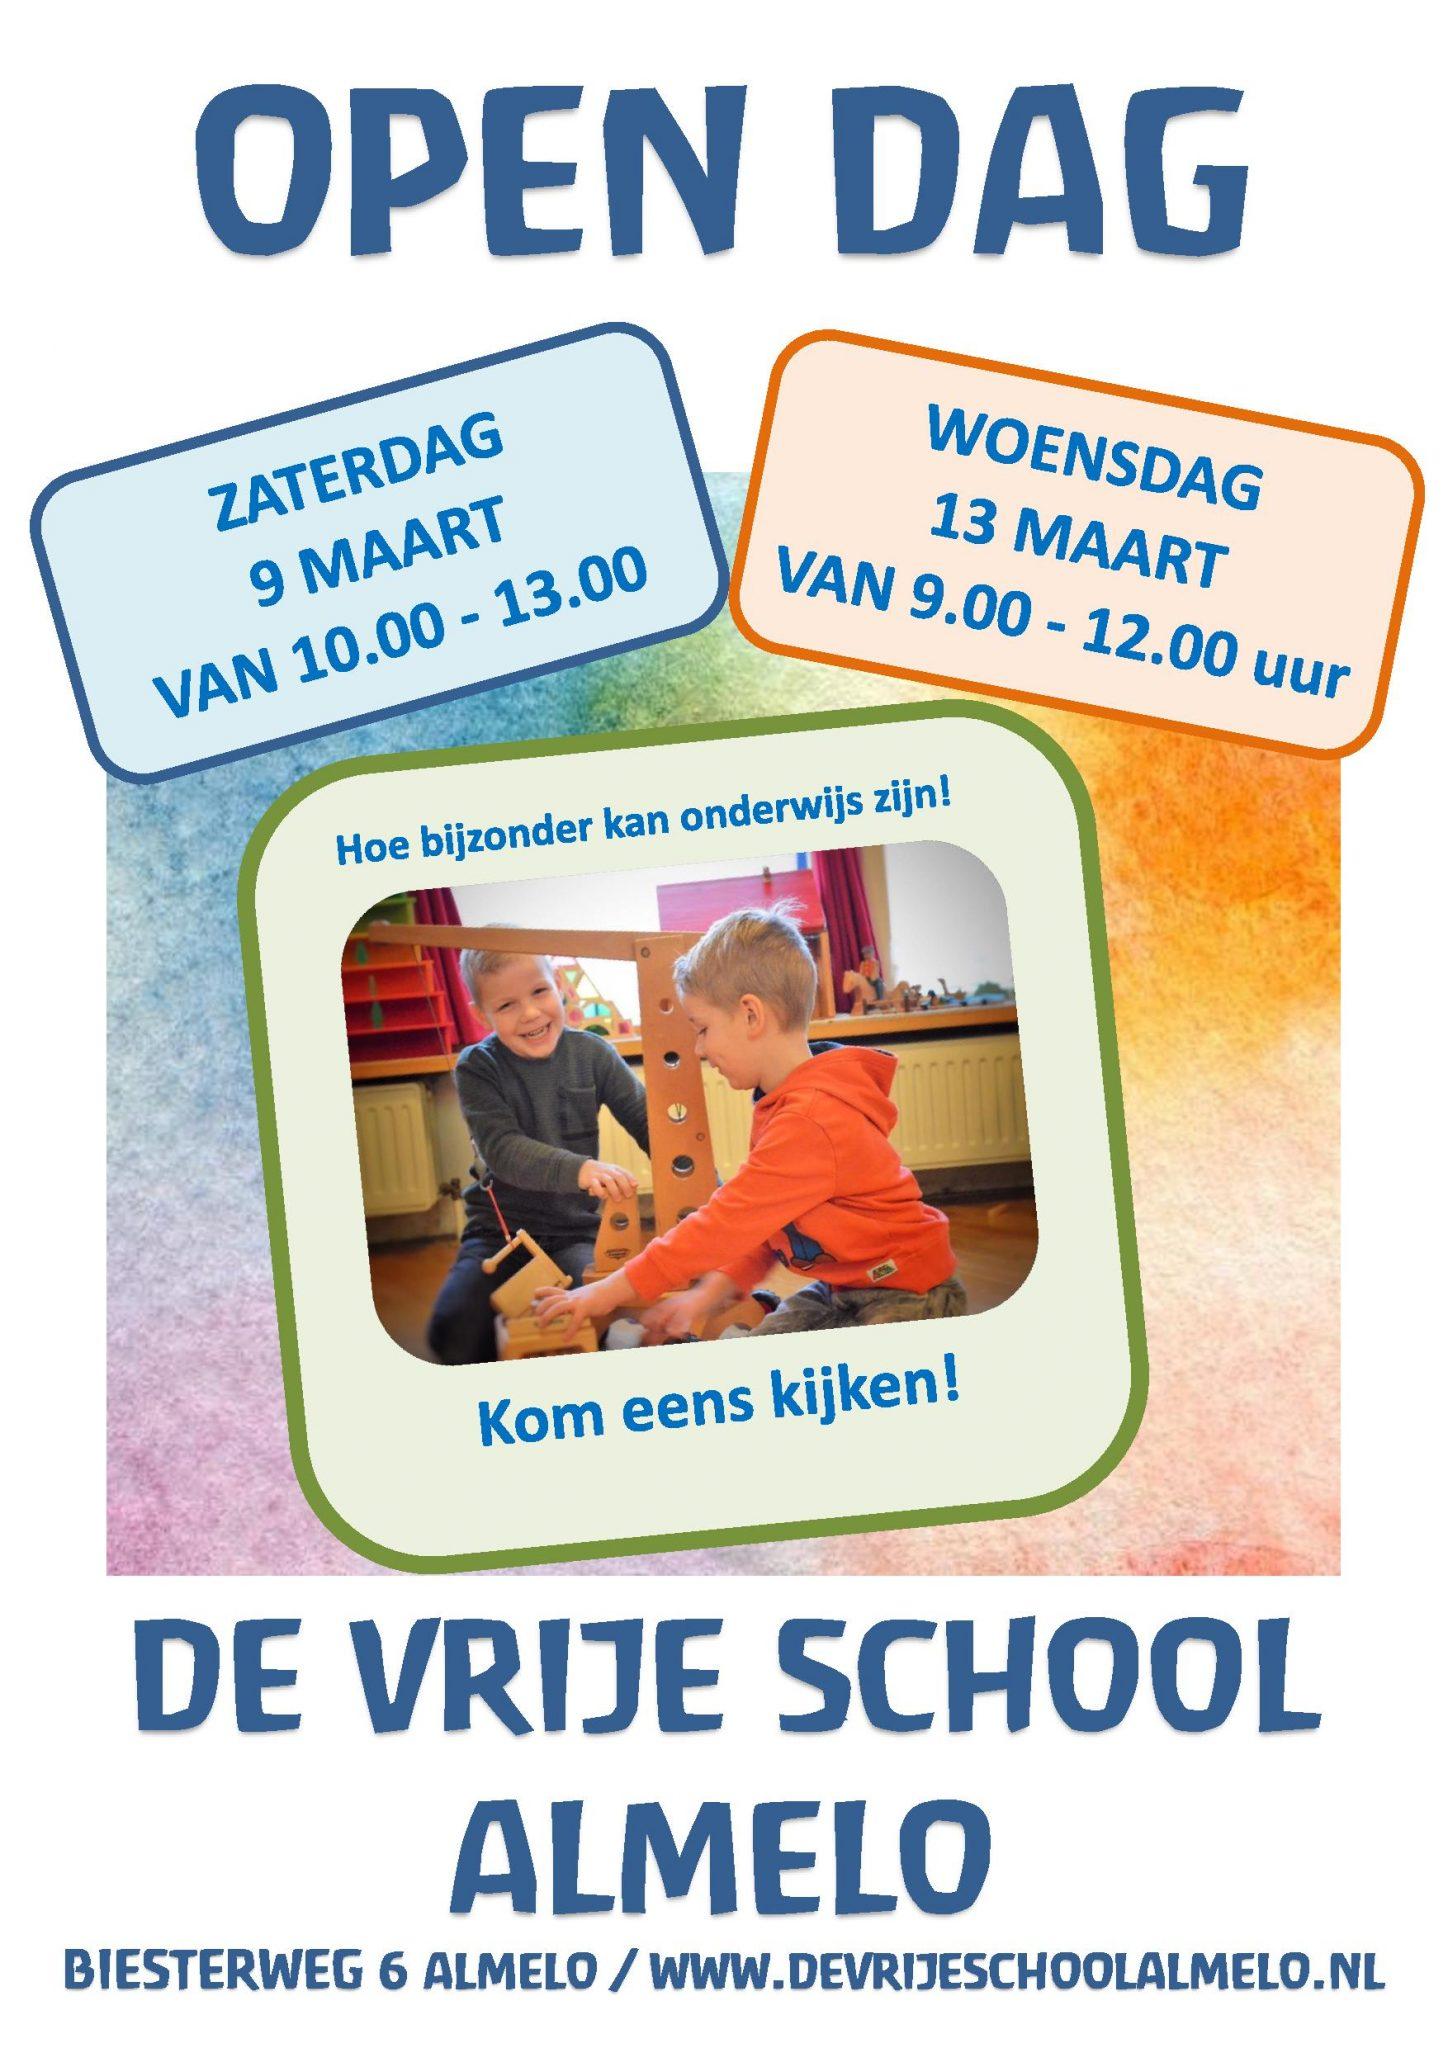 Open Dag zaterdag 9 maart en woensdag 13 maart a.s.